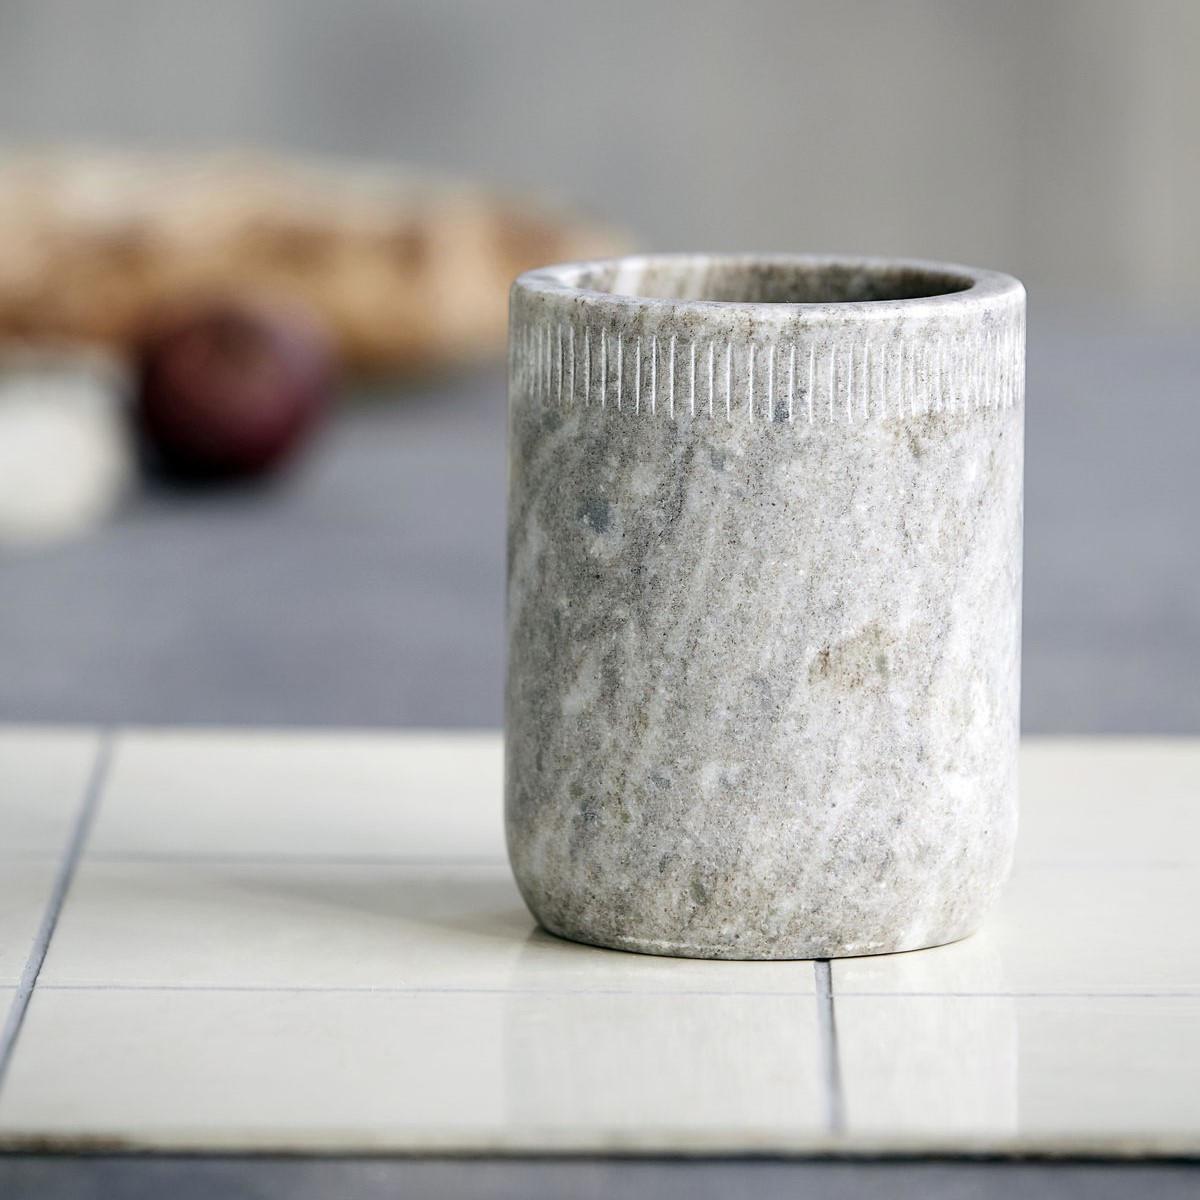 Nicolas Vahé Mramorová nádoba Marble, béžová barva, mramor